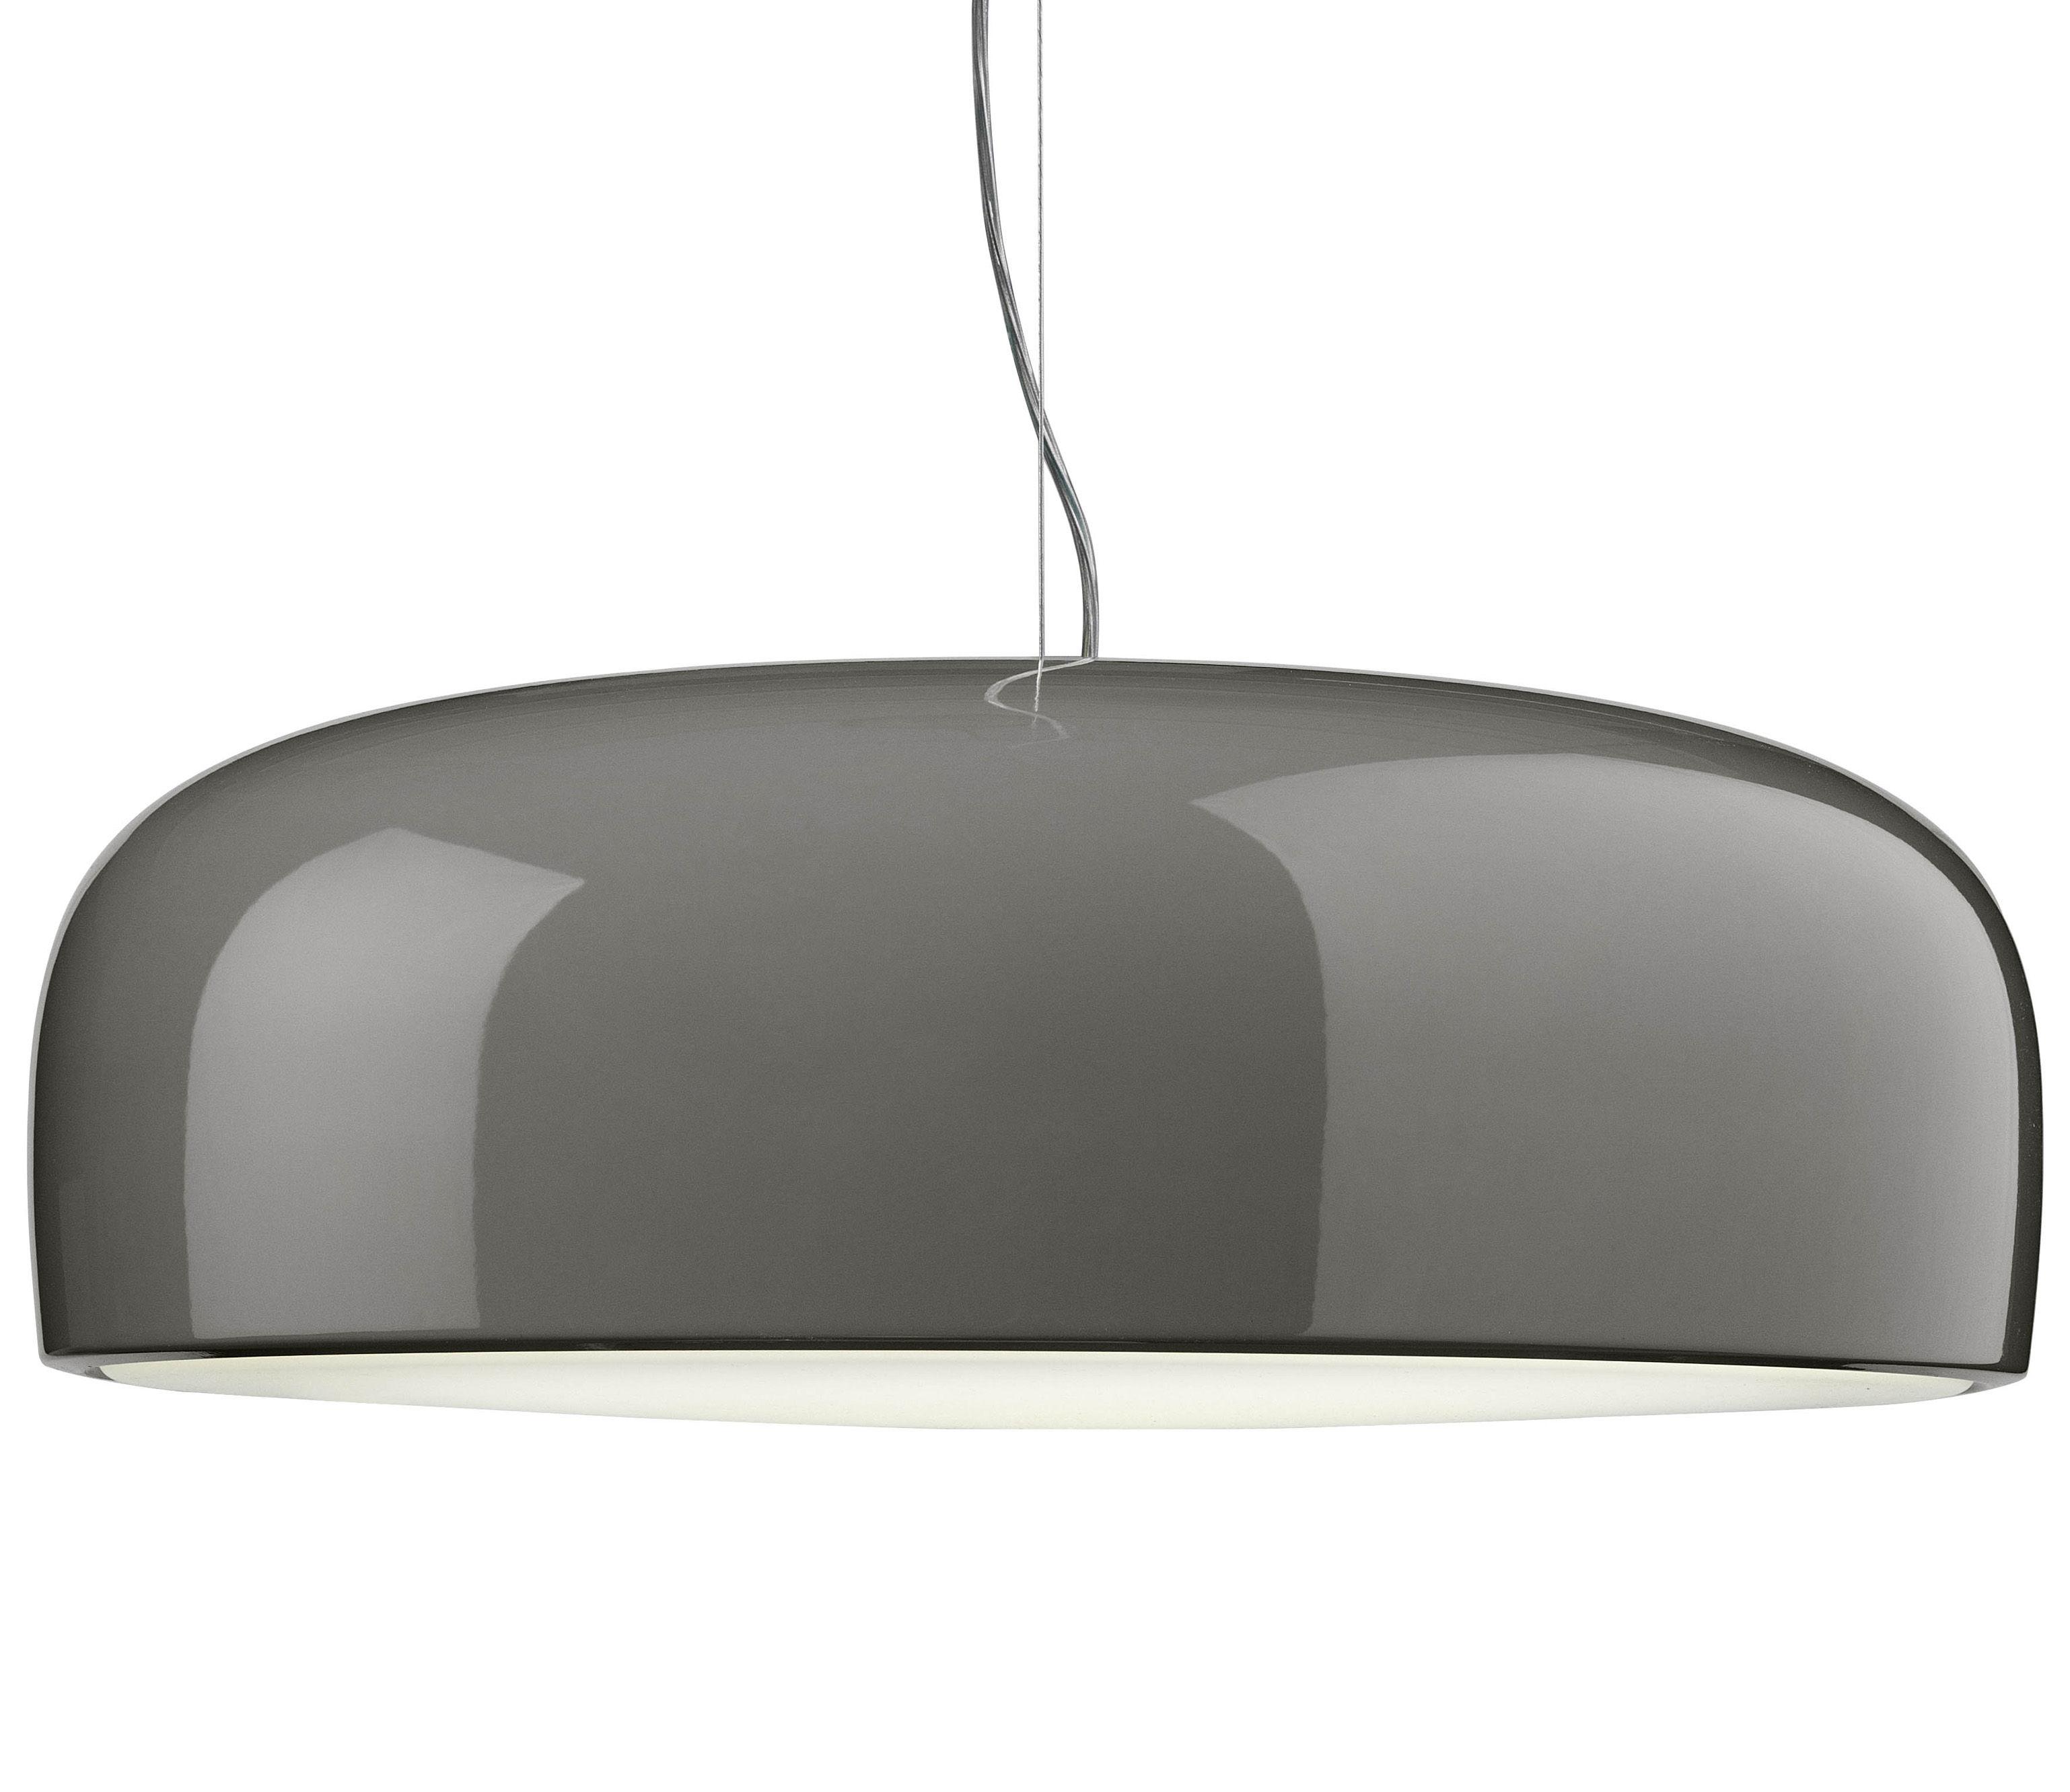 Illuminazione - Lampadari - Sospensione Smithfield di Flos - Alogena - Grigio talpa - alluminio verniciato, policarbonato